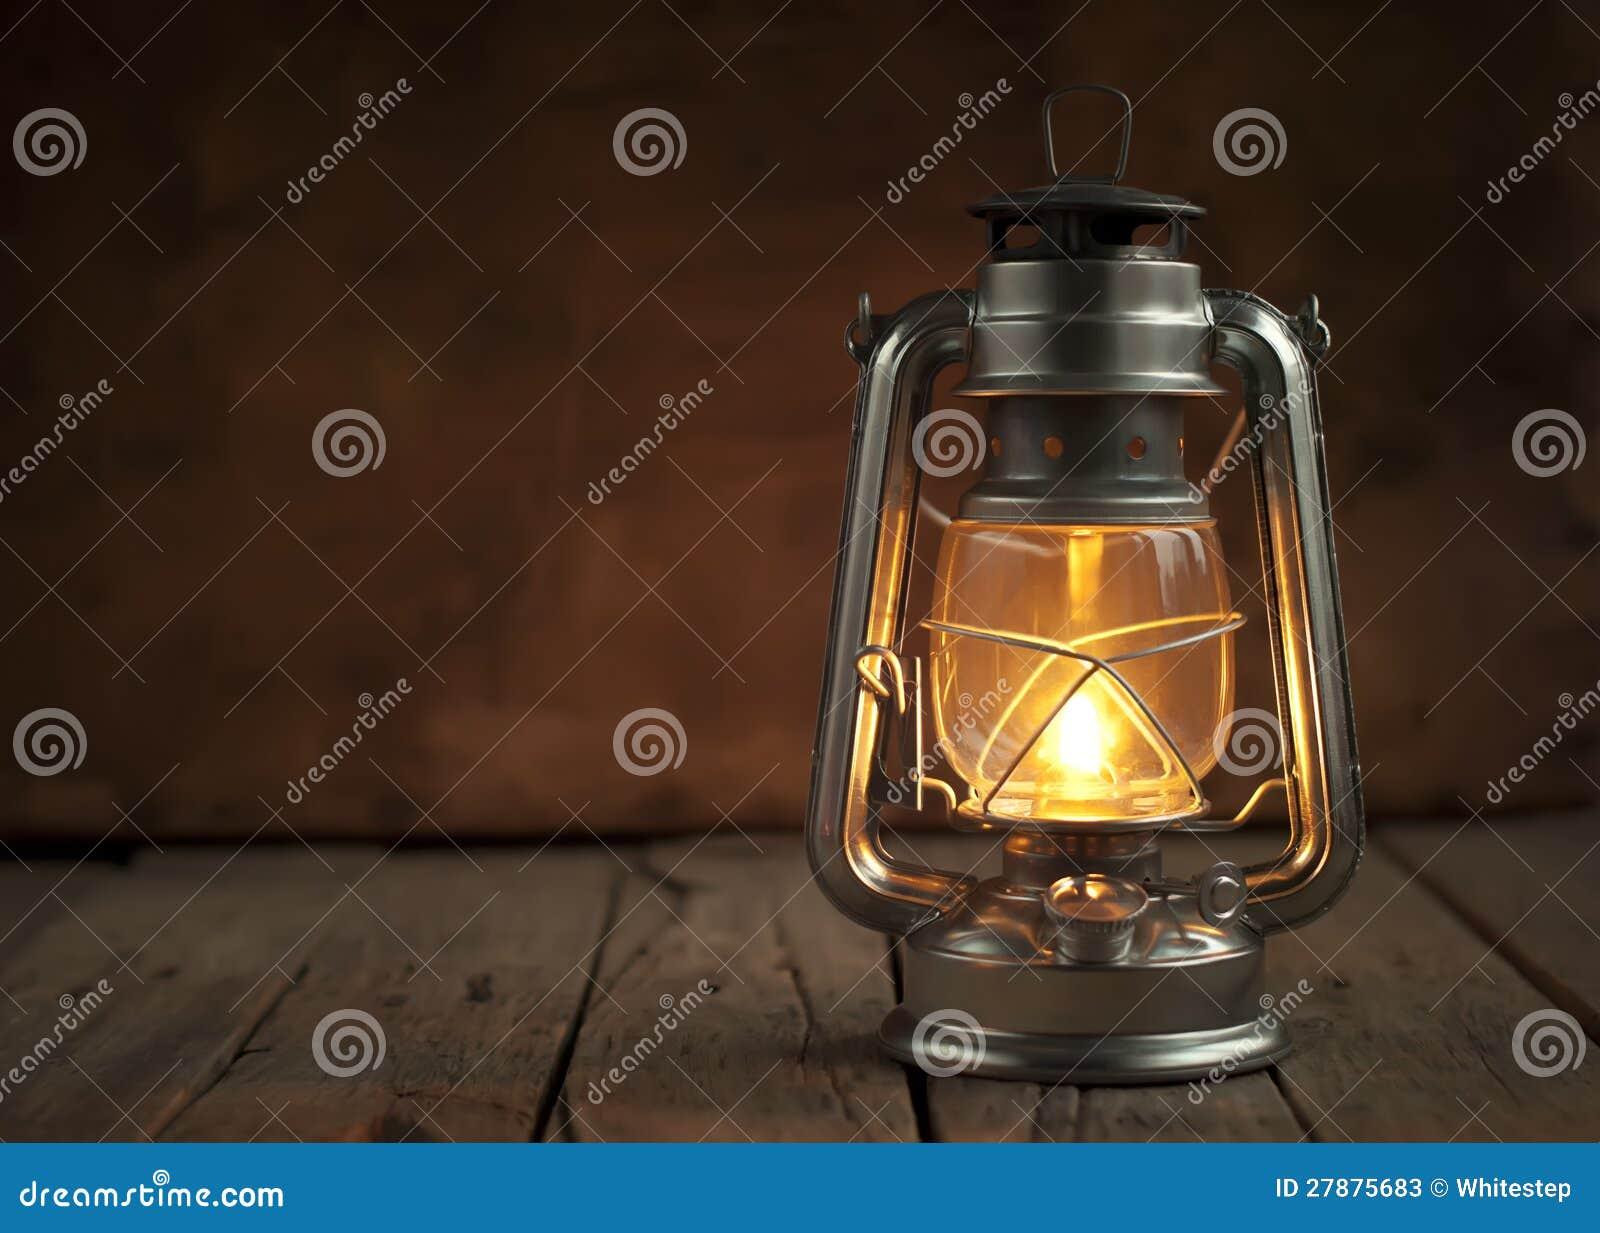 lampe p trole la nuit sur une surface en bois photos stock image 27875683. Black Bedroom Furniture Sets. Home Design Ideas